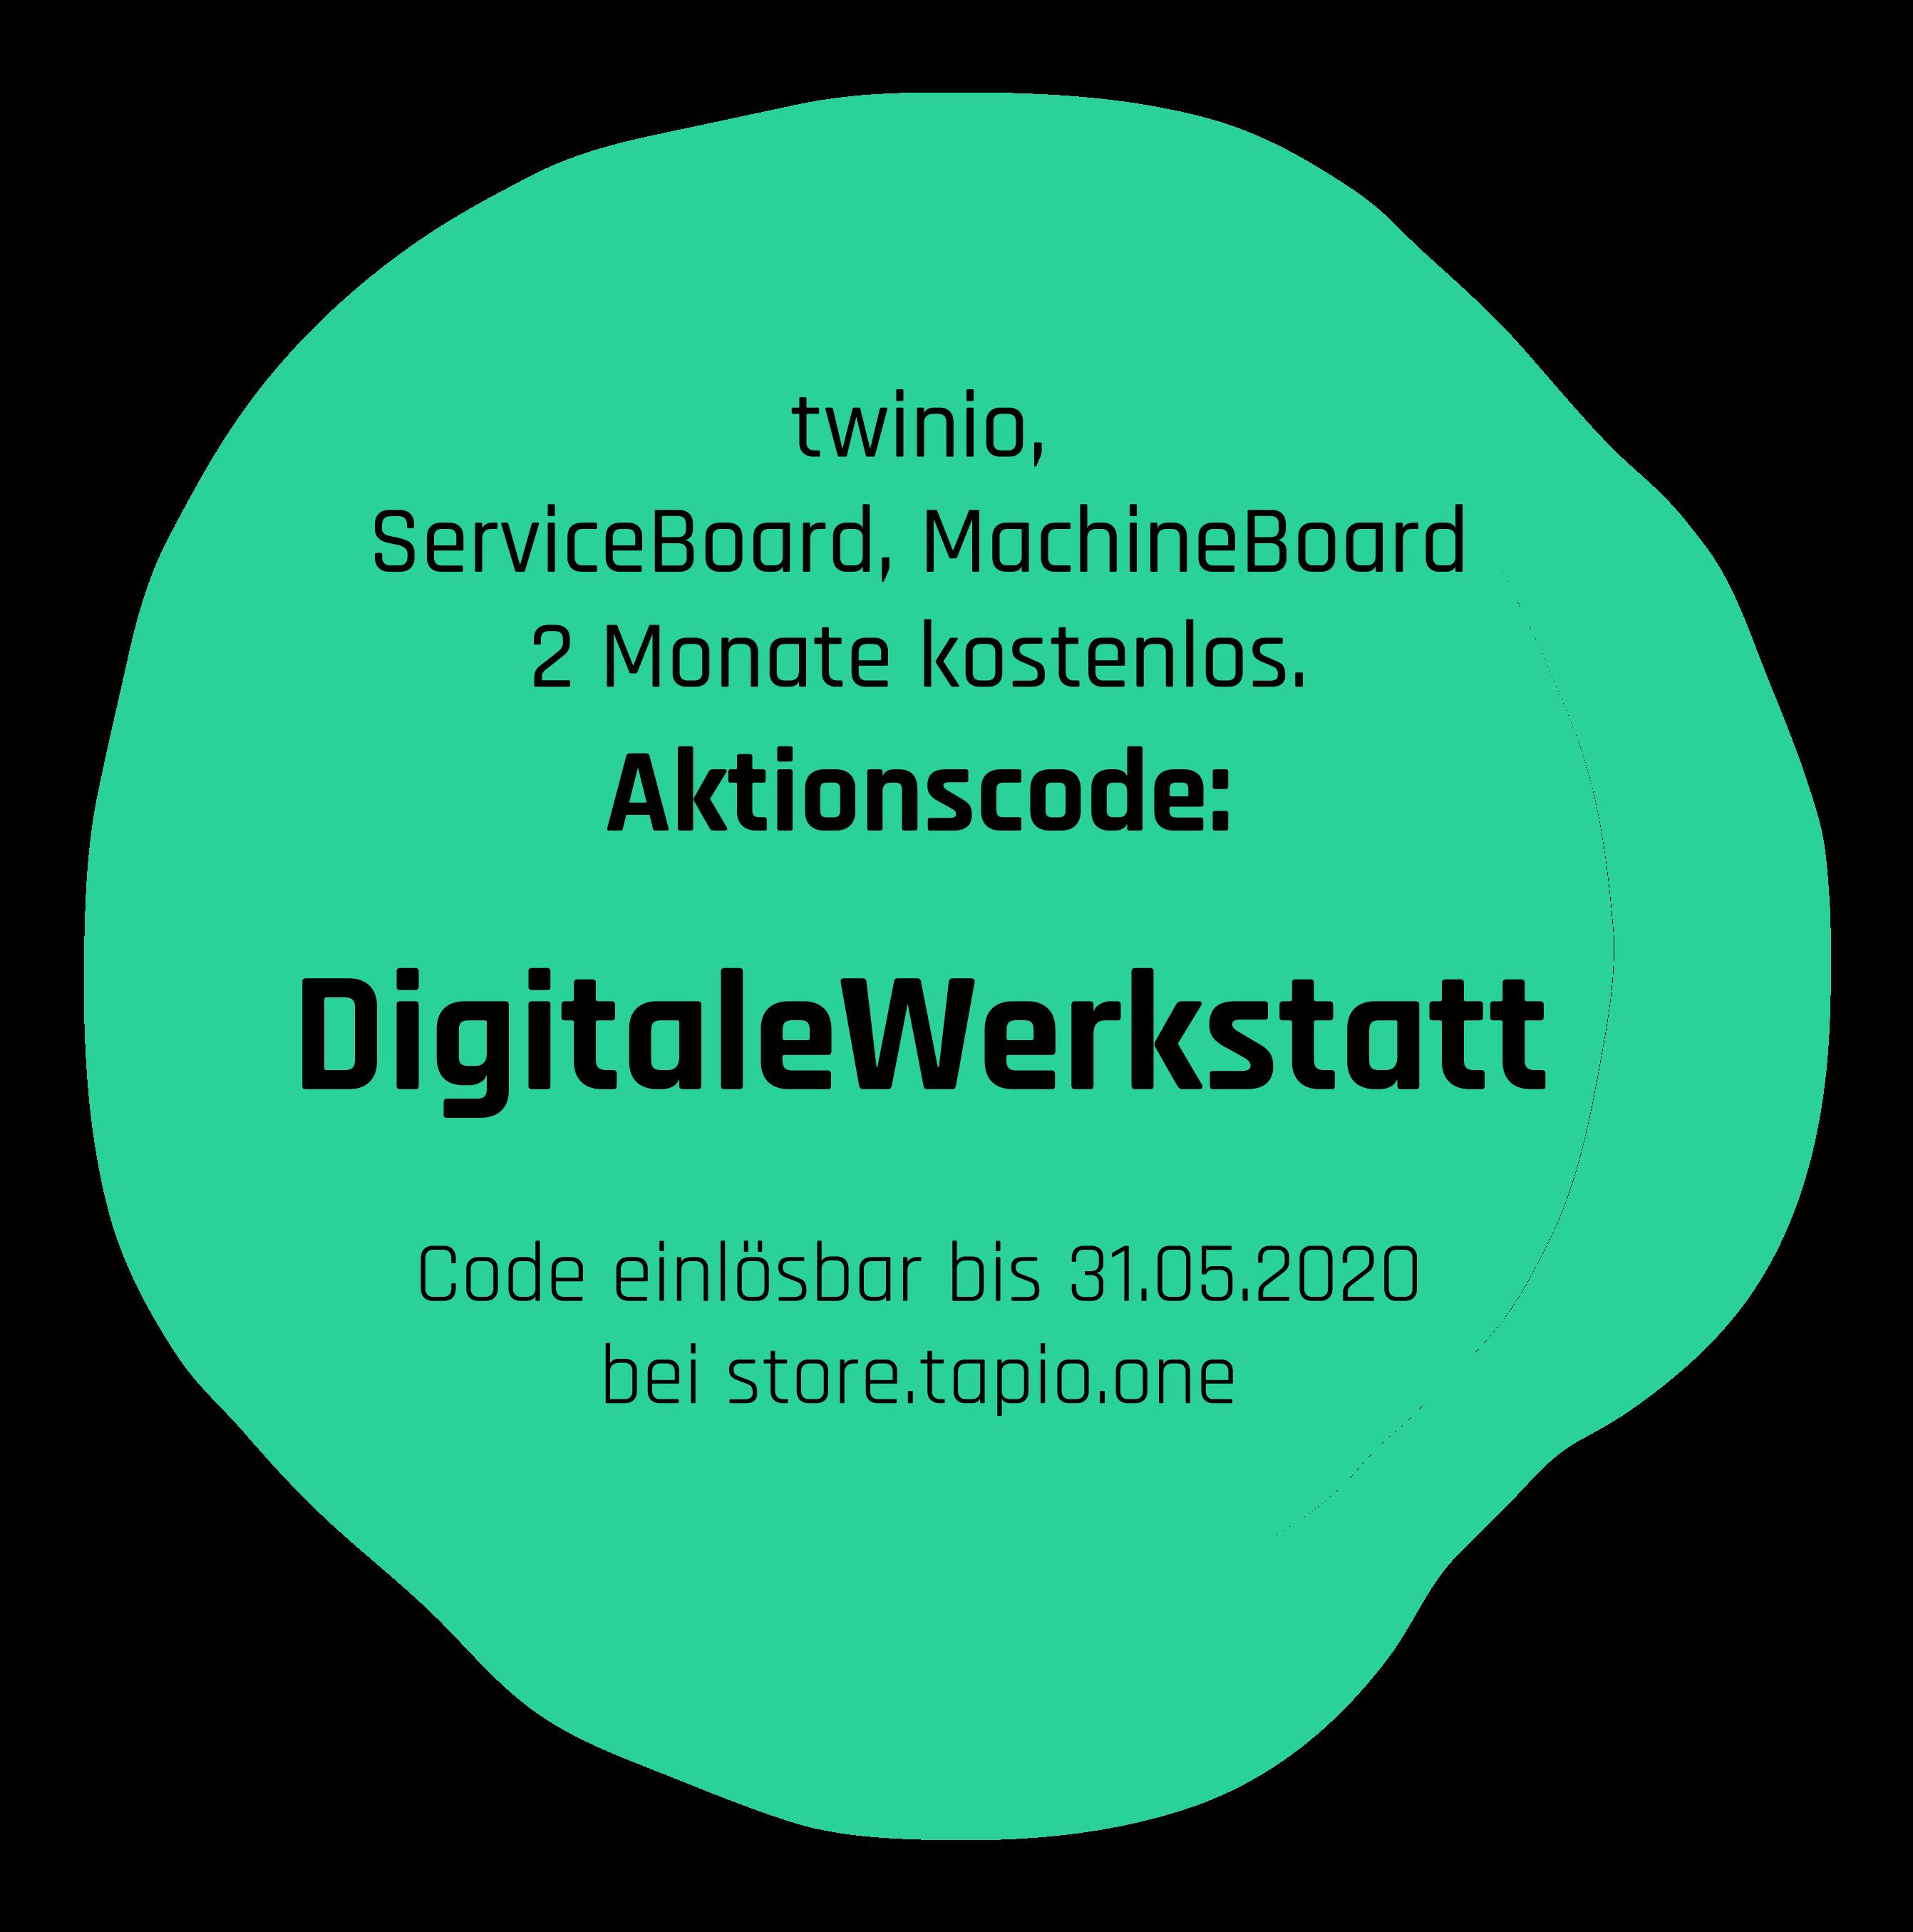 tapio Aktionscode DigitaleWerkstatt kostenlos ServiceBoard